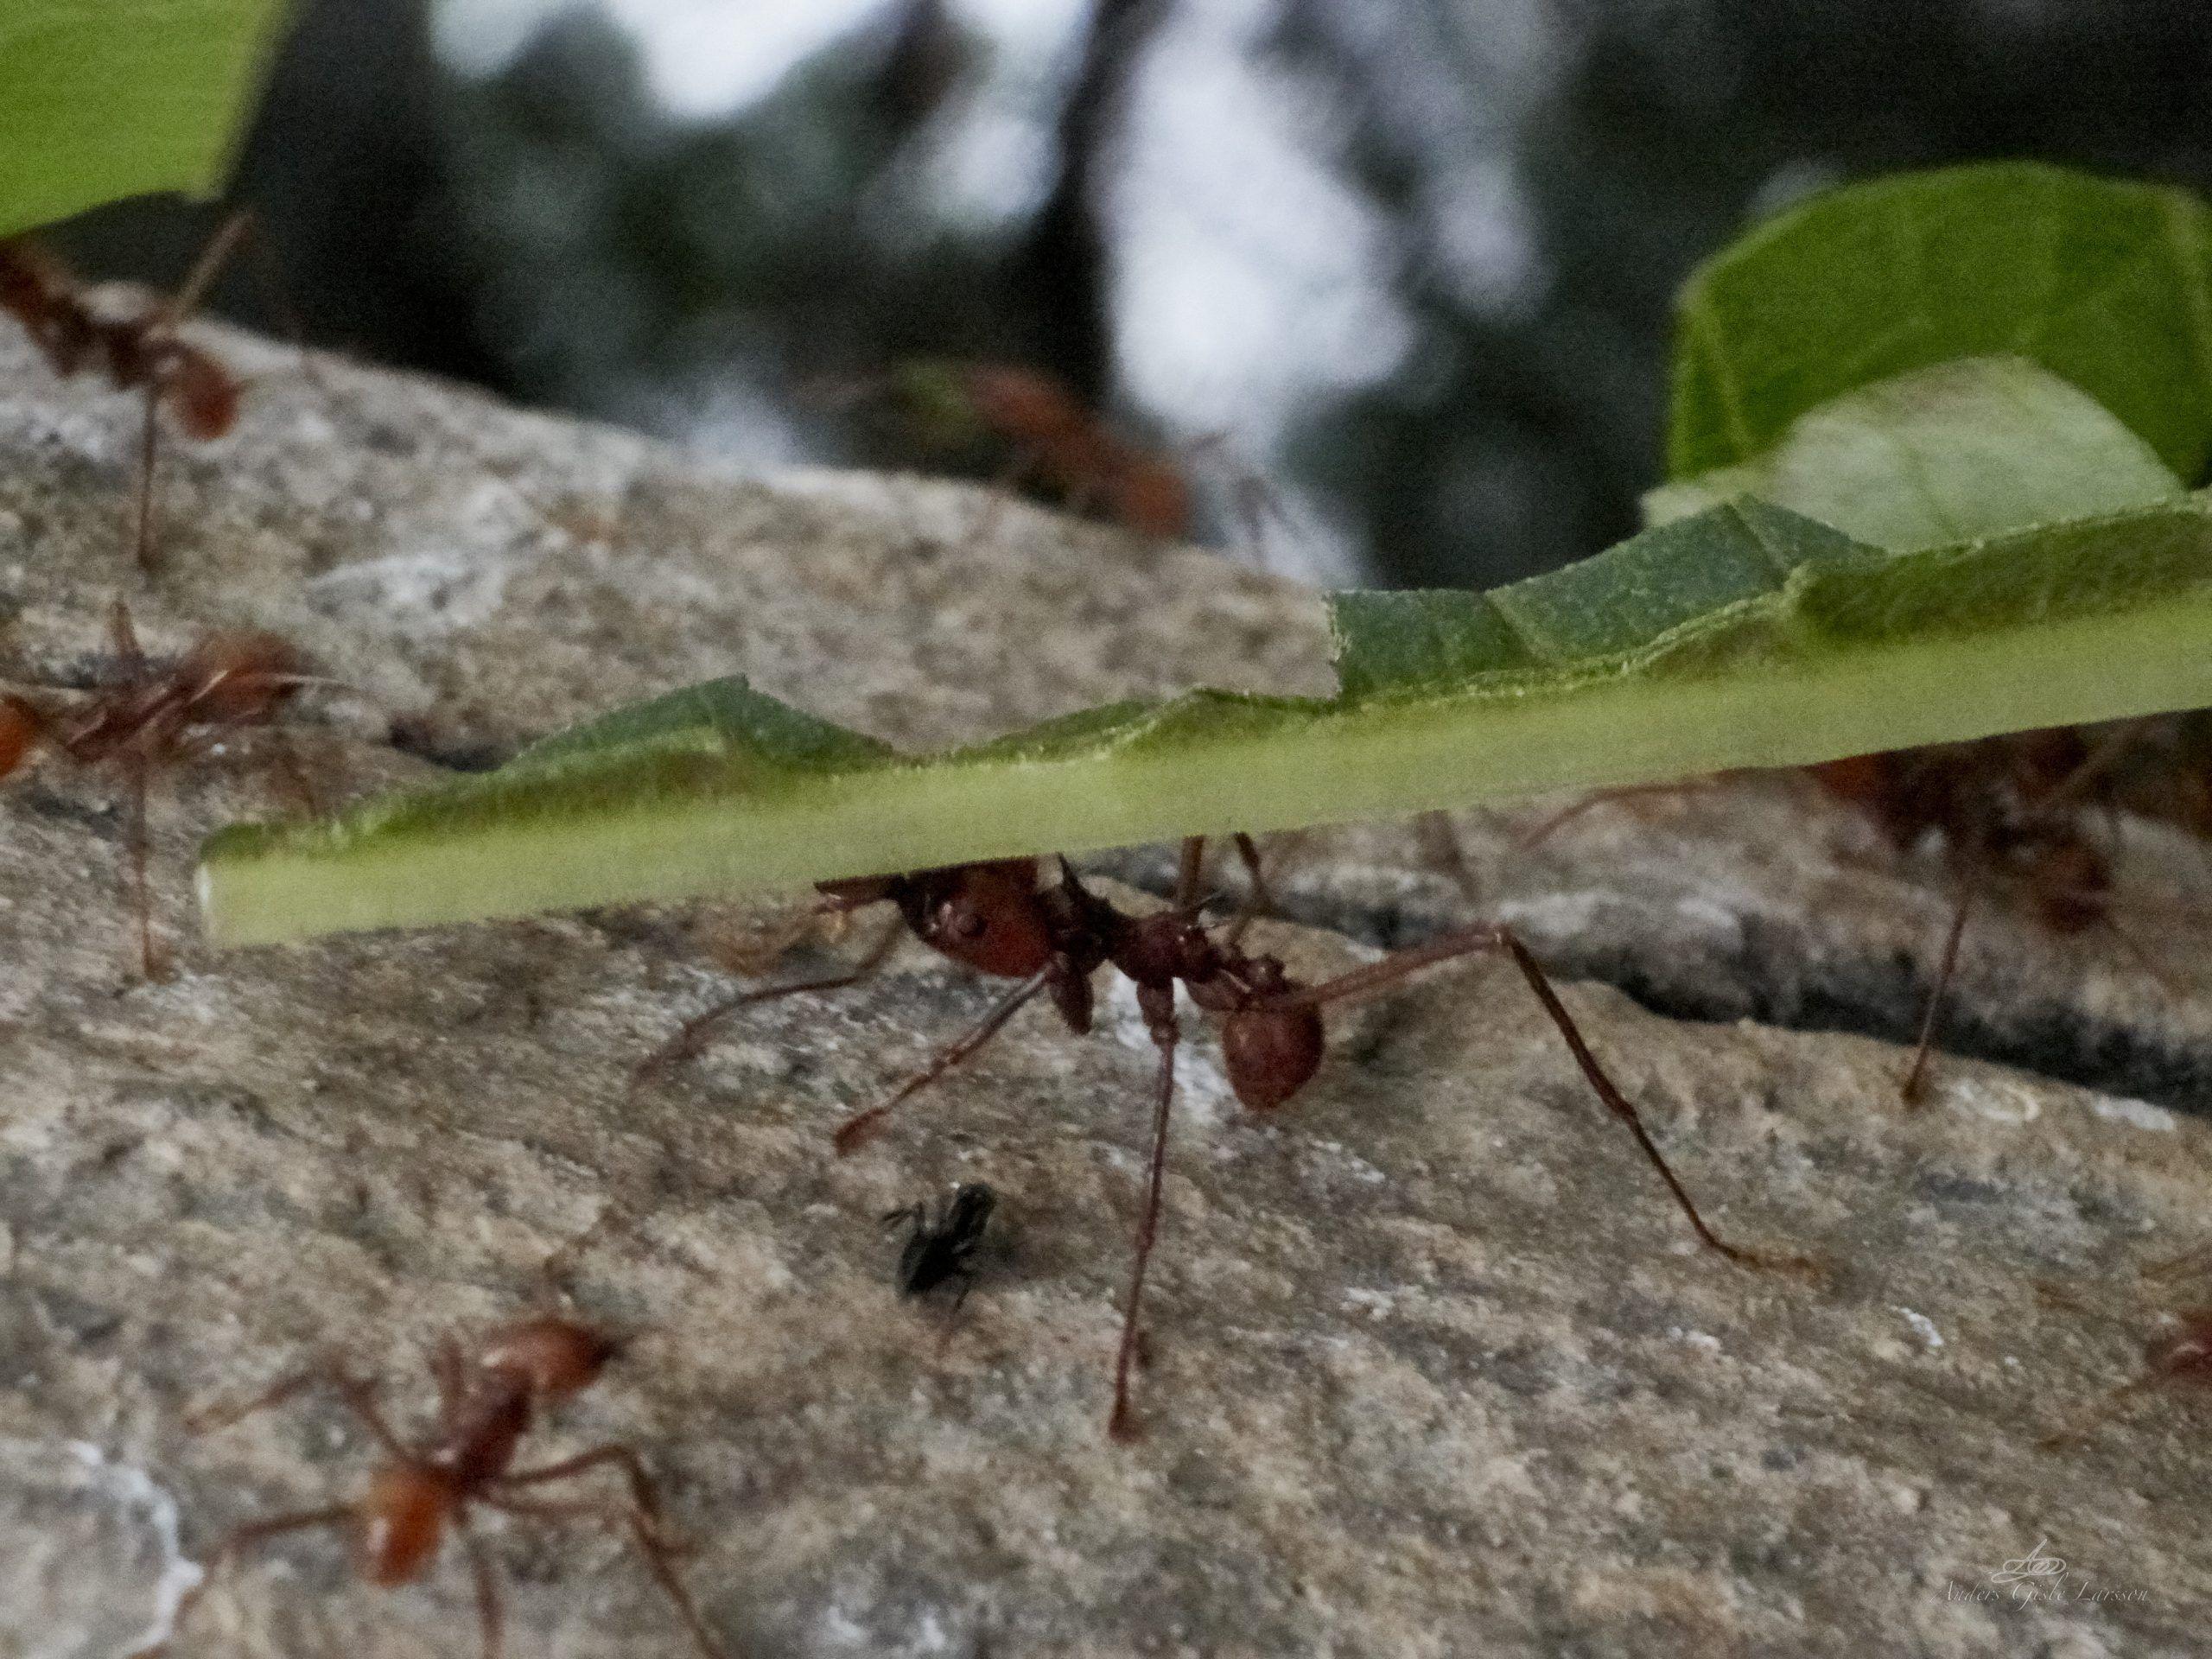 På myrens fodsti, Uge 19, Randers Regnskov, Randers